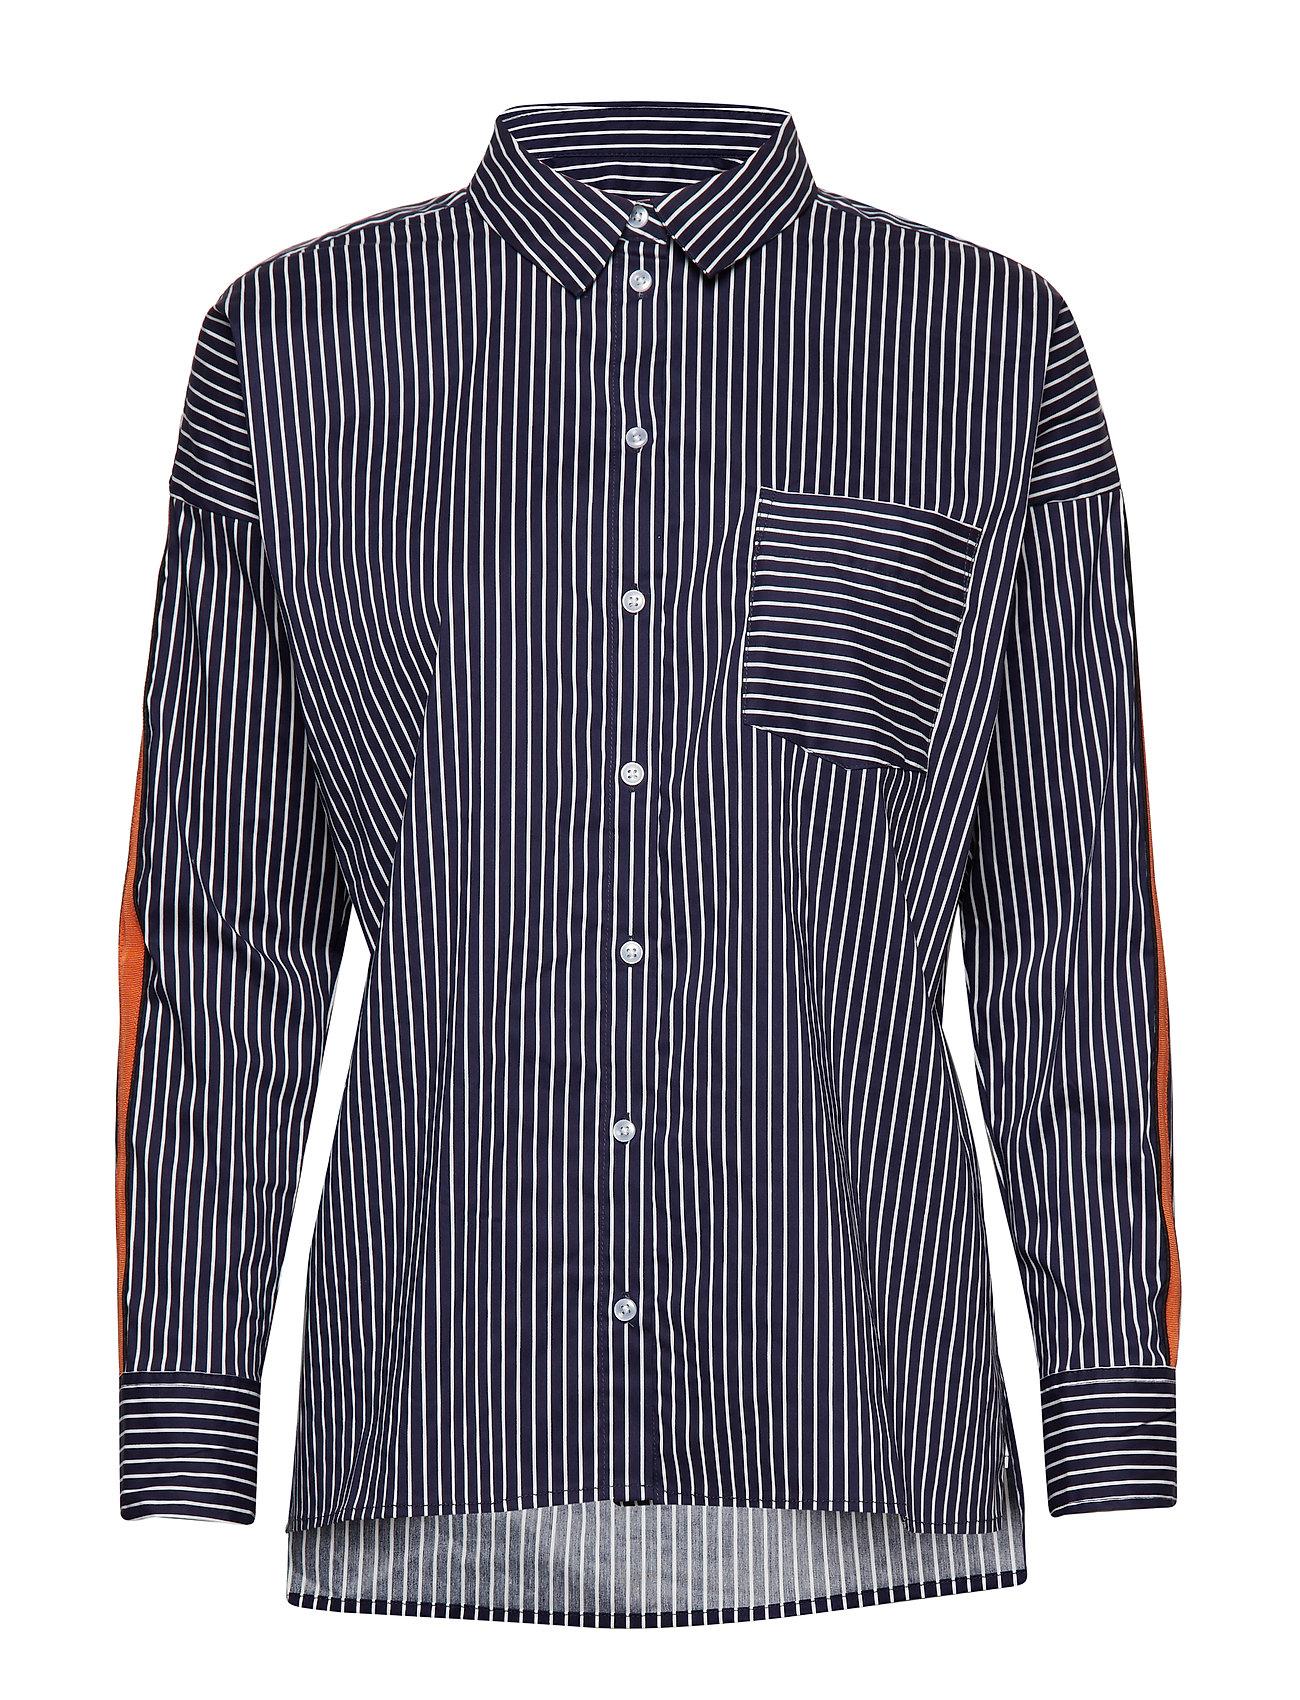 InWear Niche Shirt - YARN DYED BLUE STRIPES